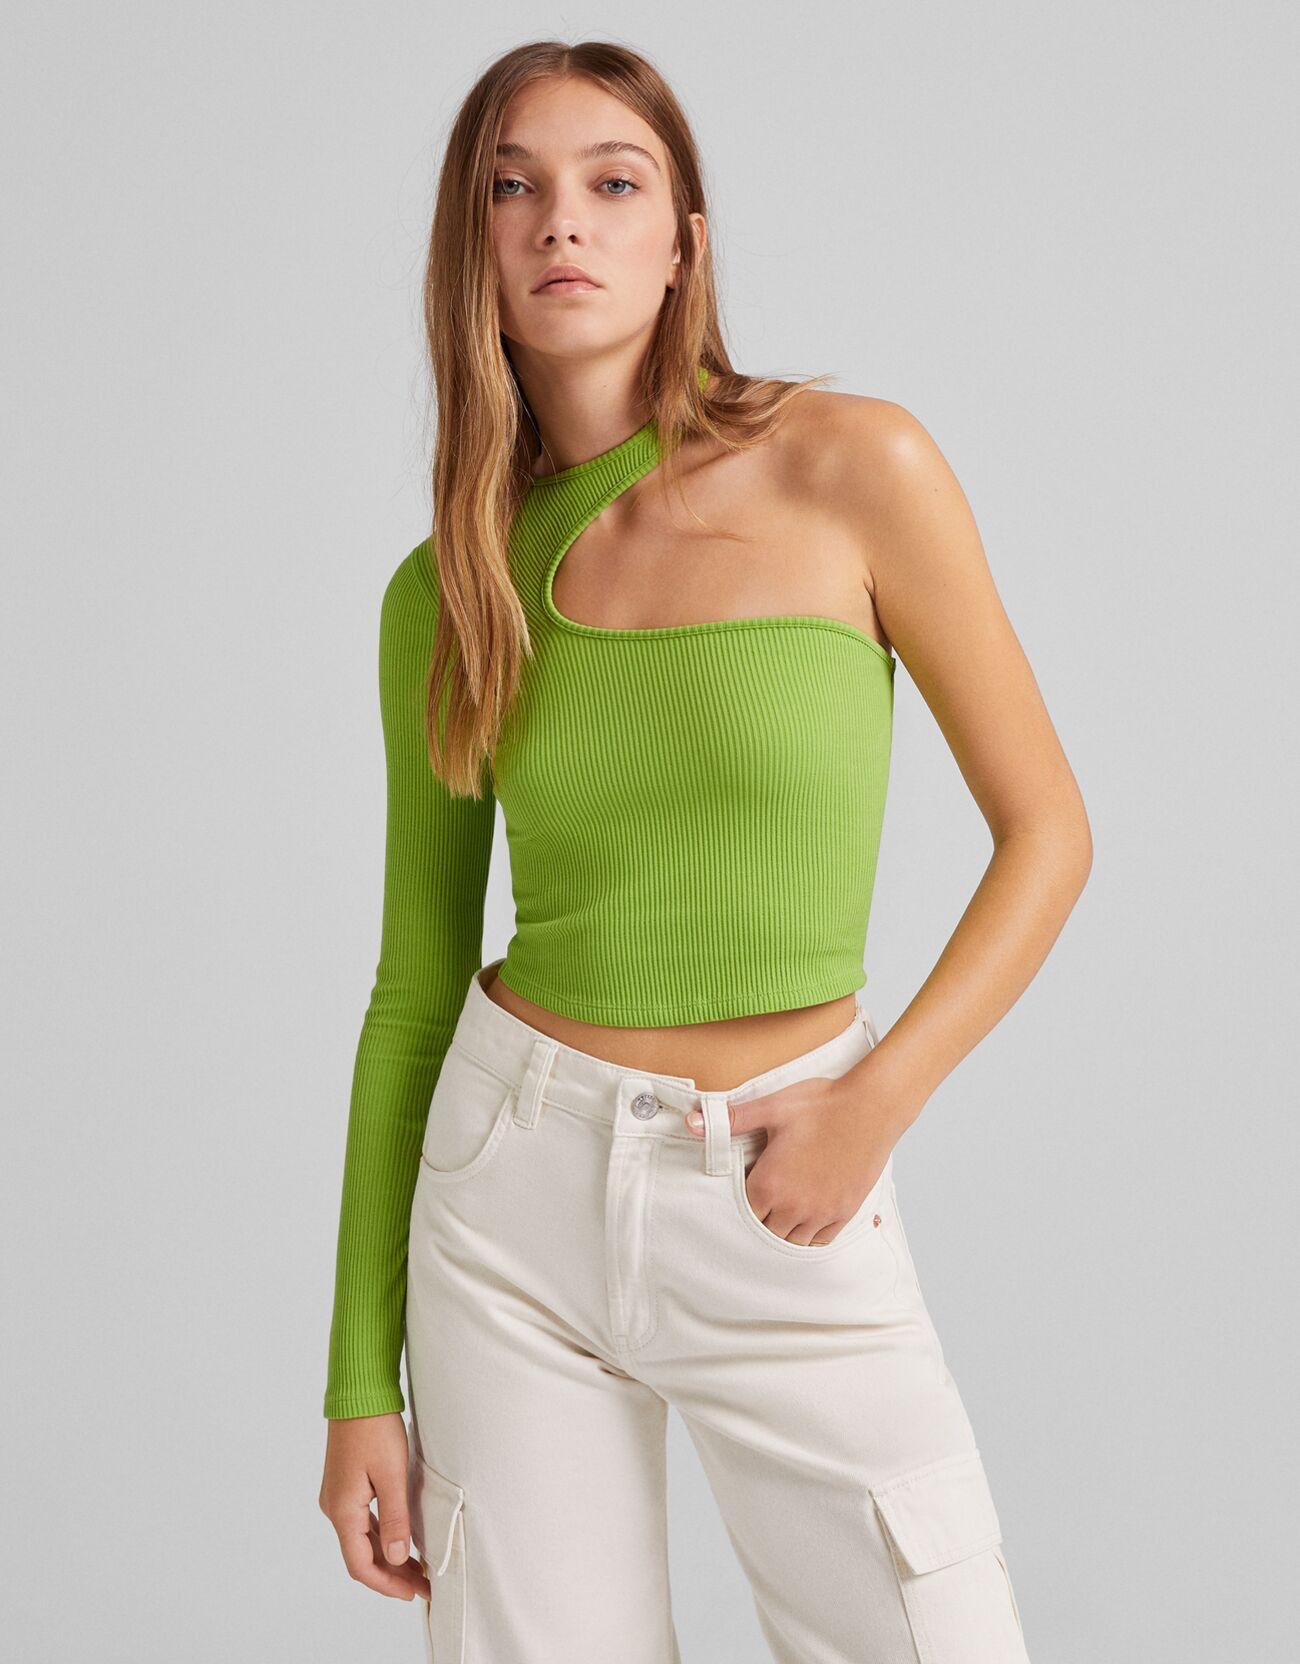 Camiseta asimétrica manga larga rib